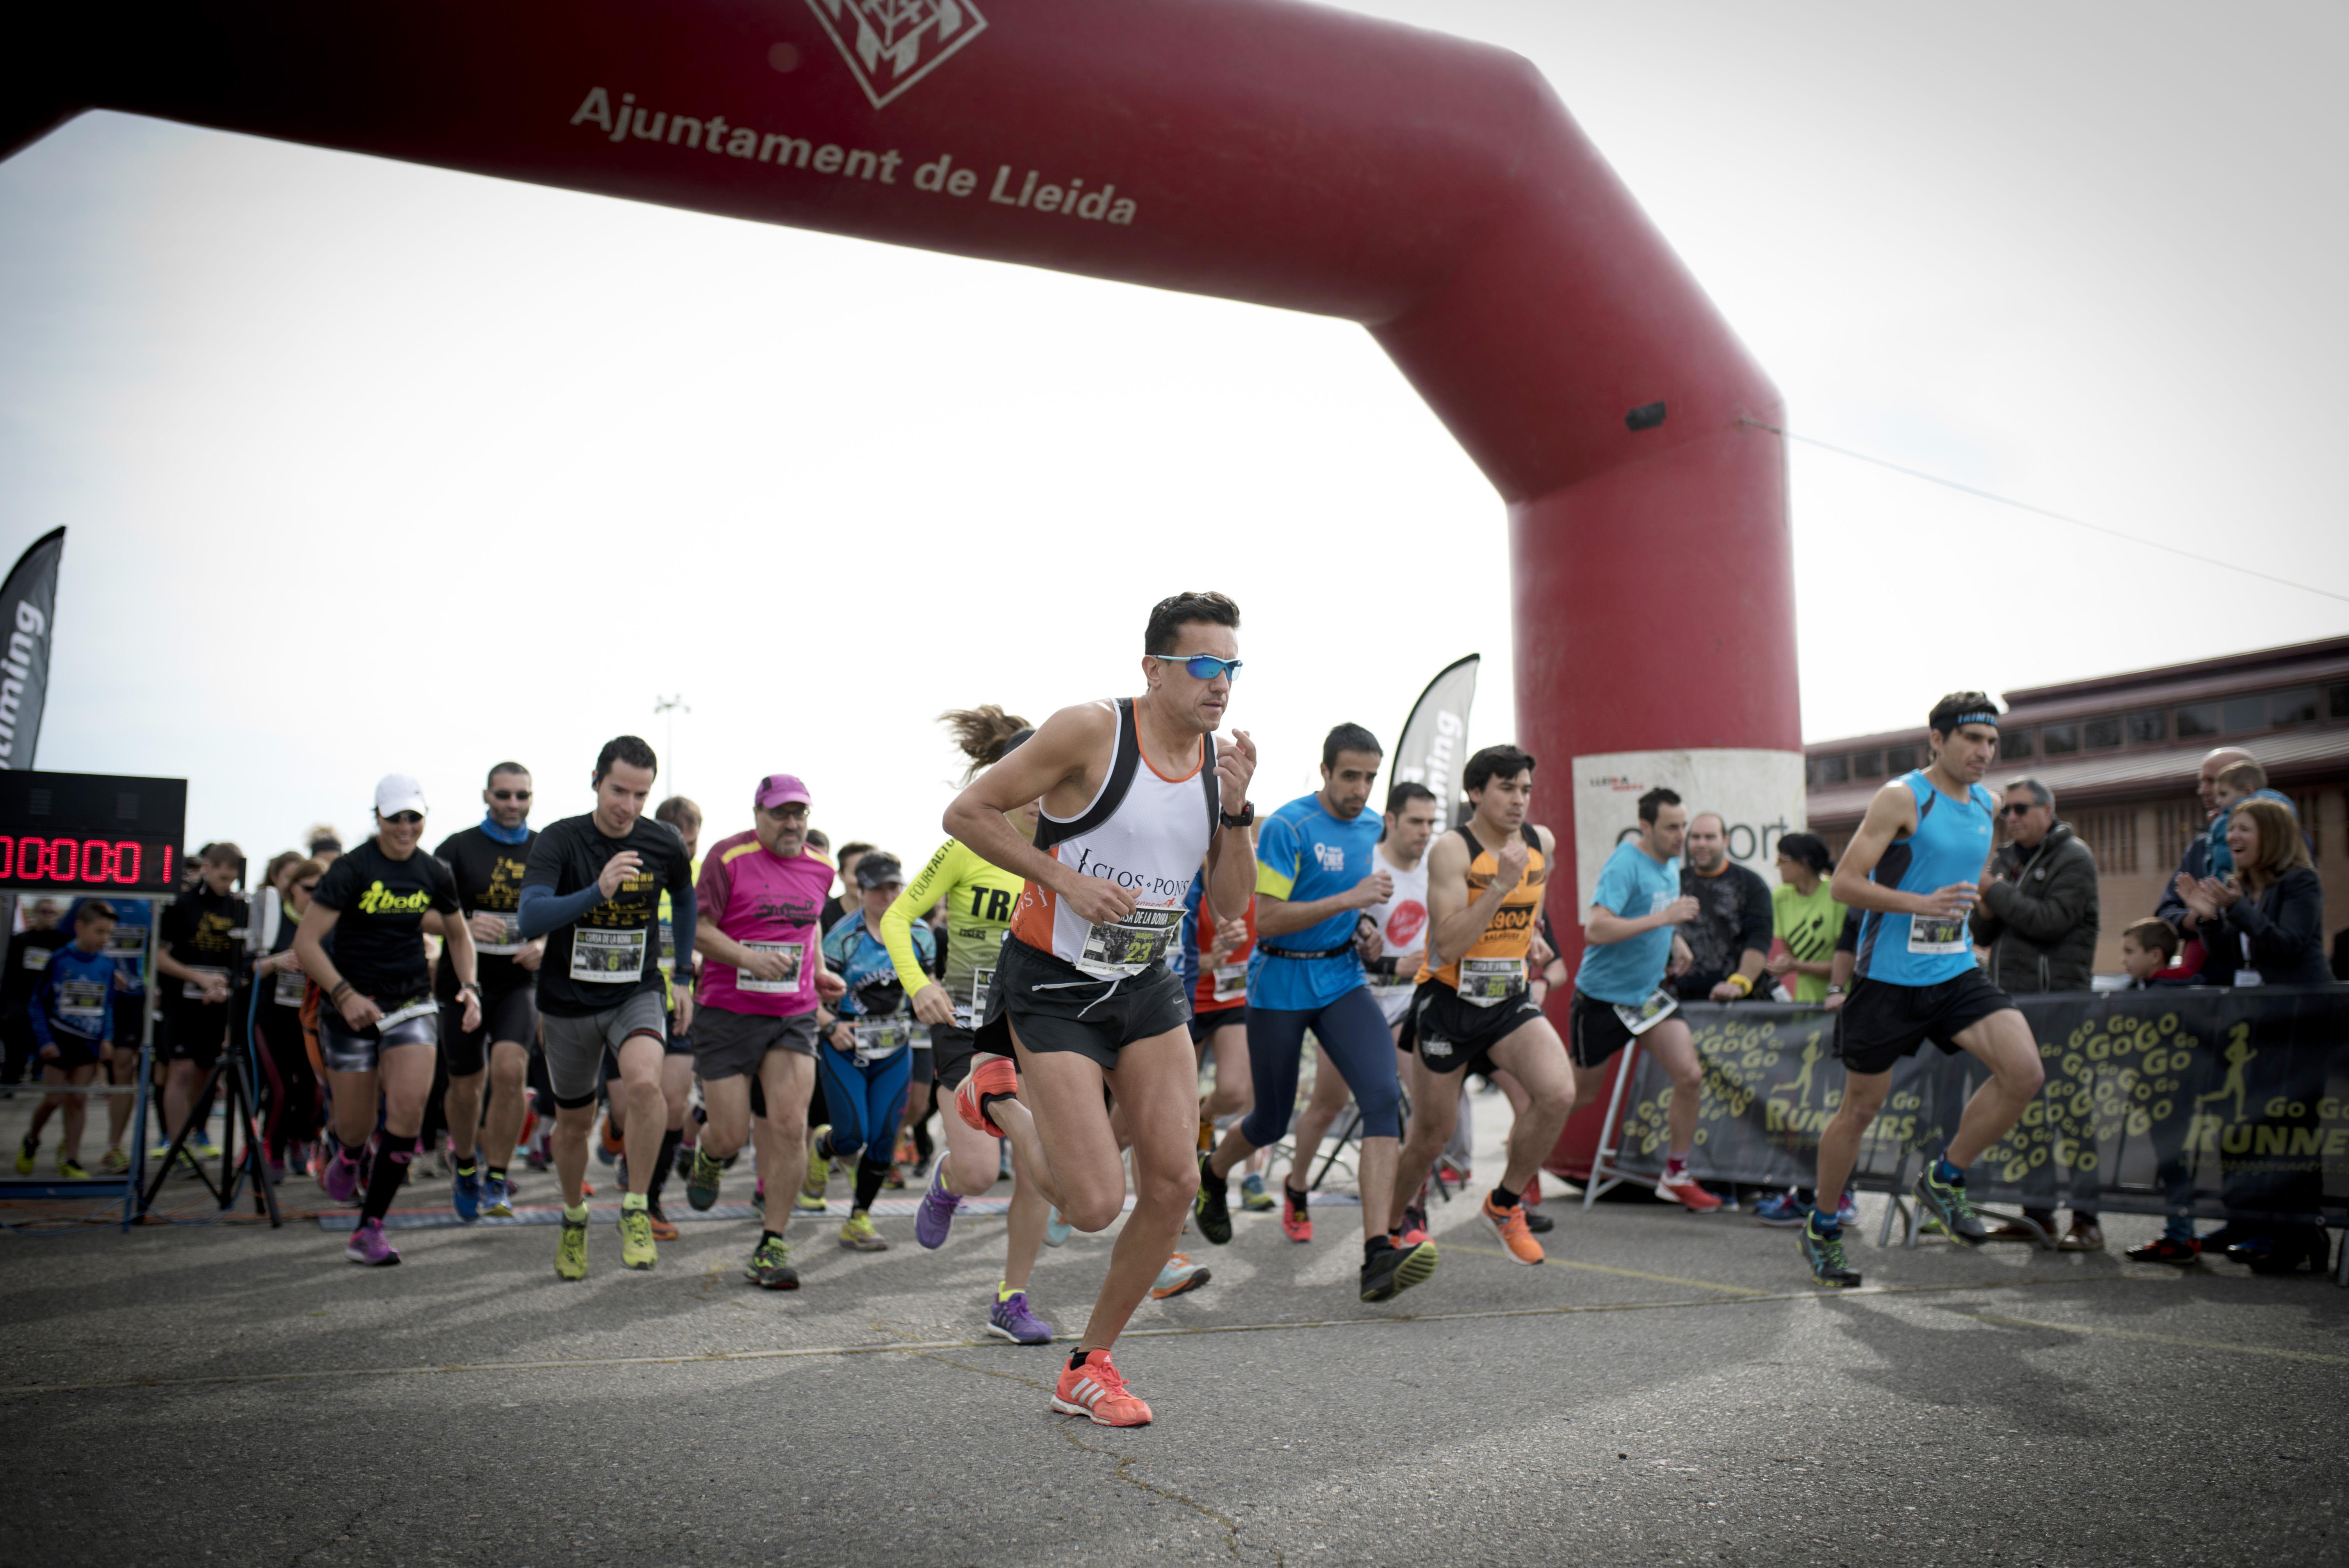 Fira de Lleida | Unos 400 participantes en la carrera de la niebla ...